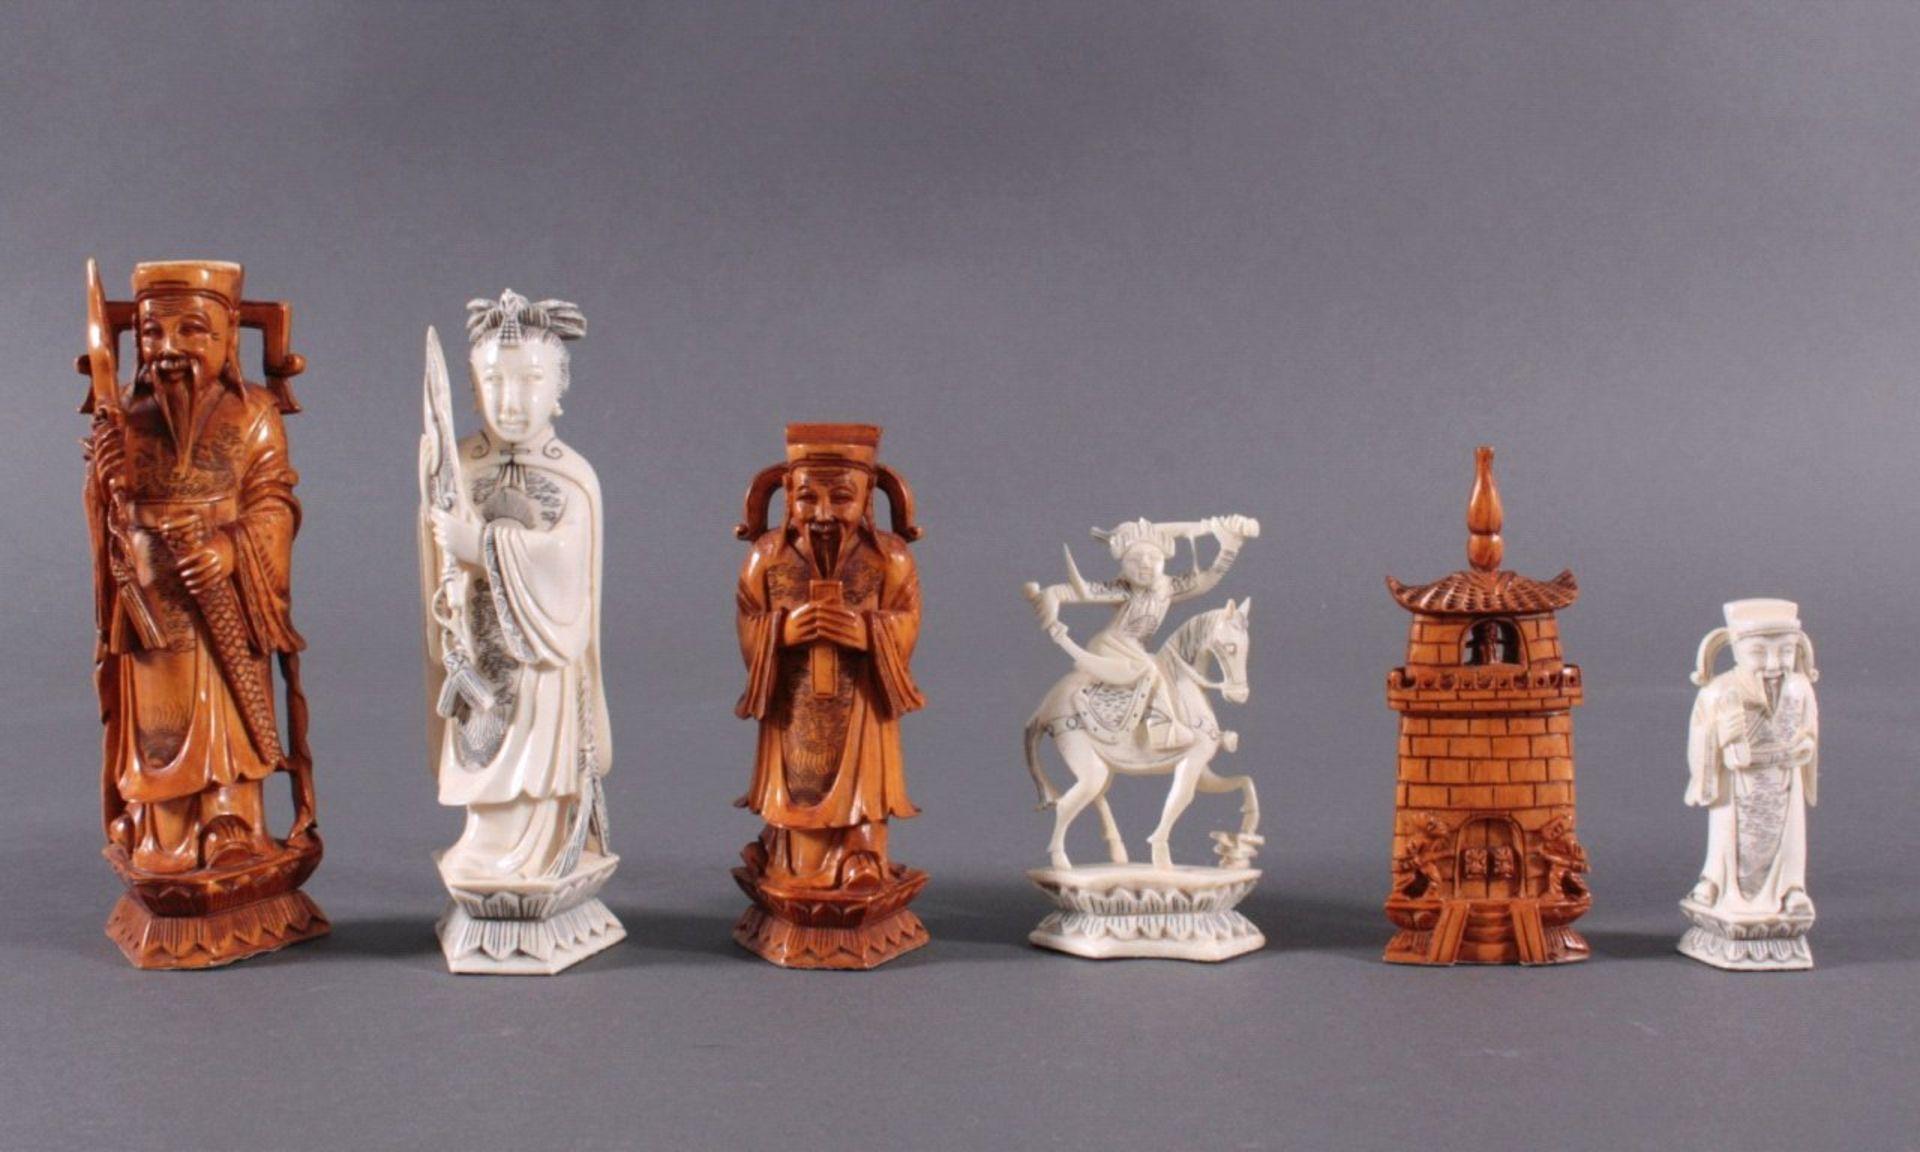 Elfenbein-Schachspiel - China32 Schachfiguren, Elfenbein geschnitzt, partiell brauneingefärbt, in